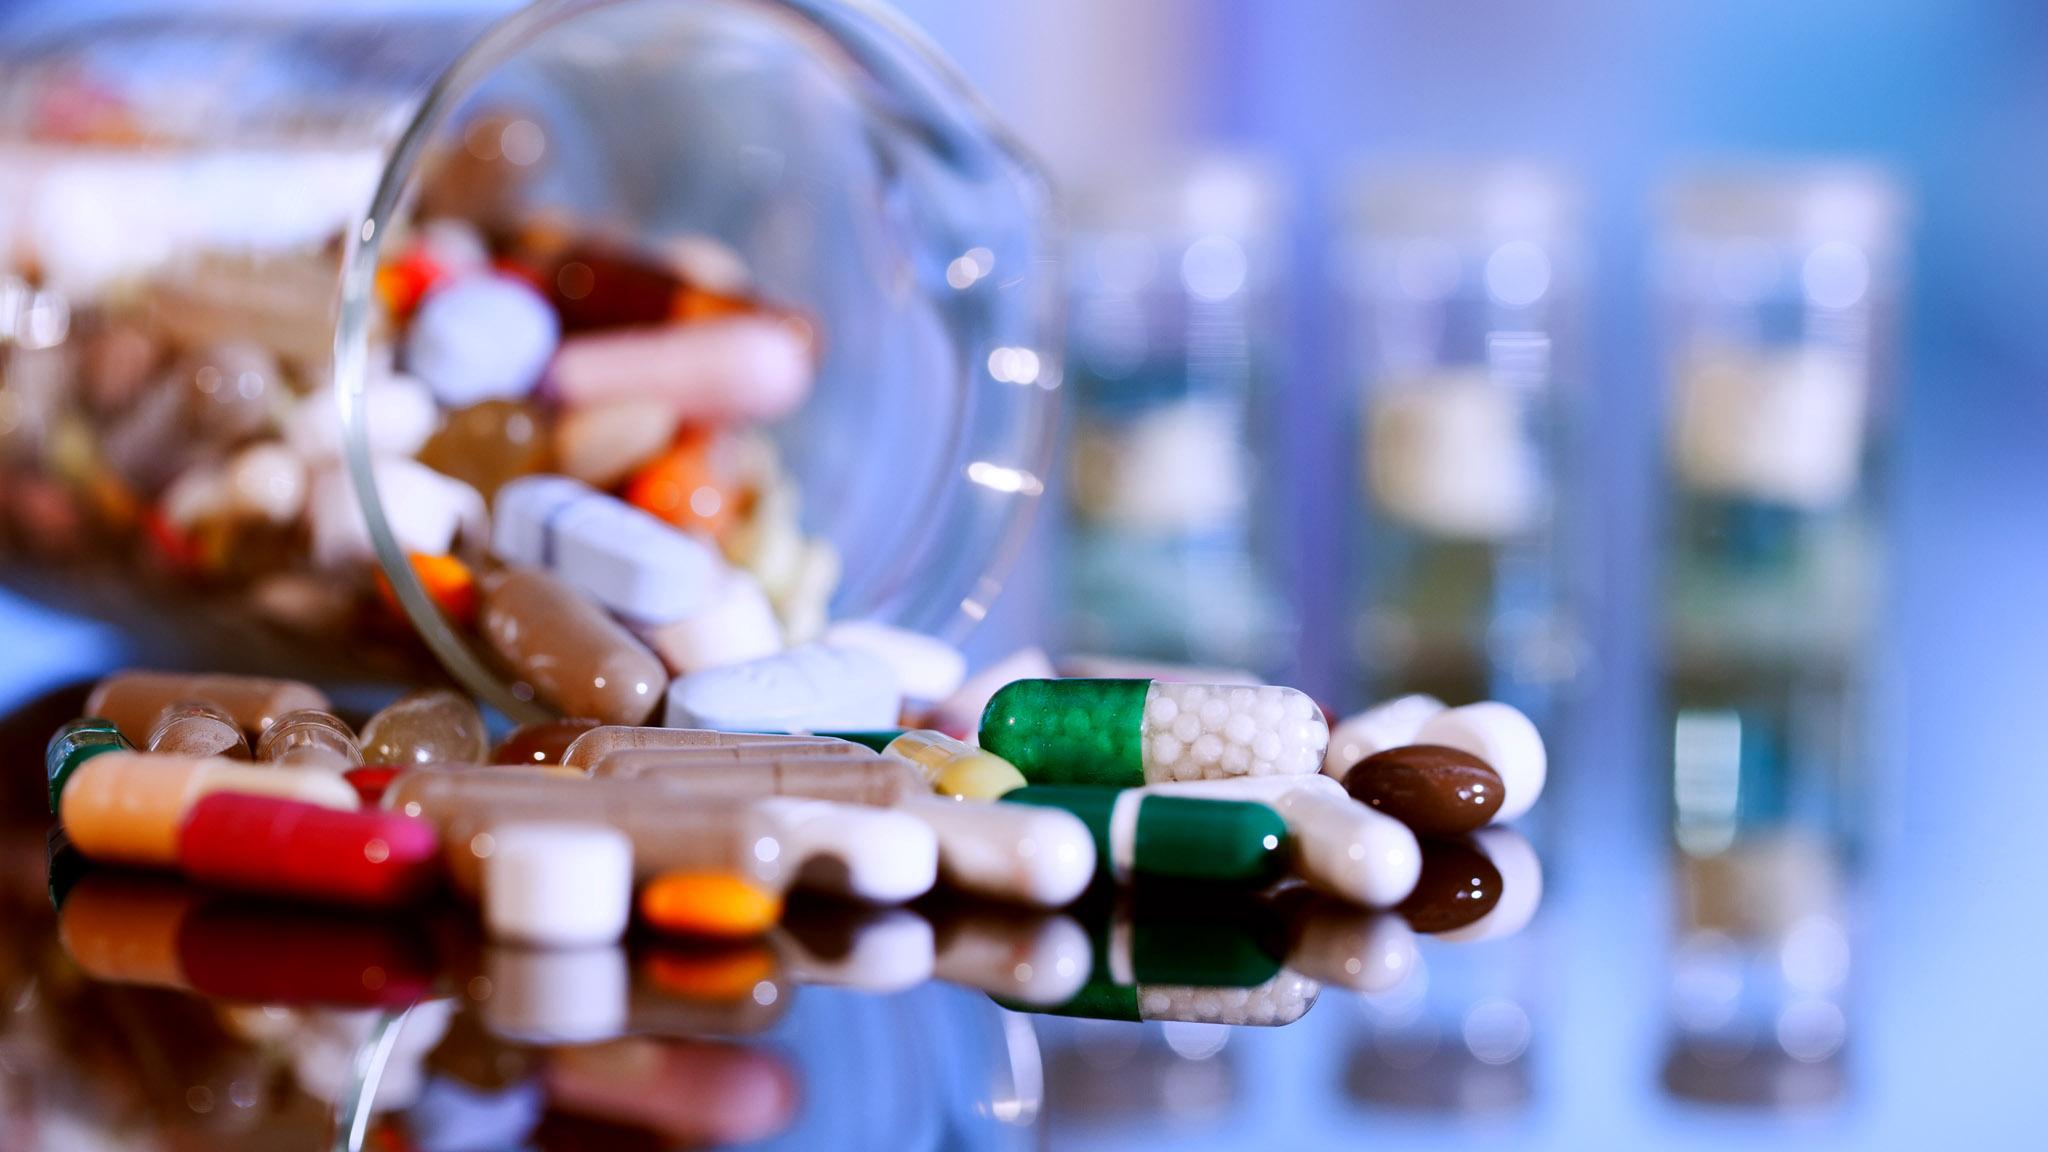 картинки на тему лекарств фотографии, иллюстрации